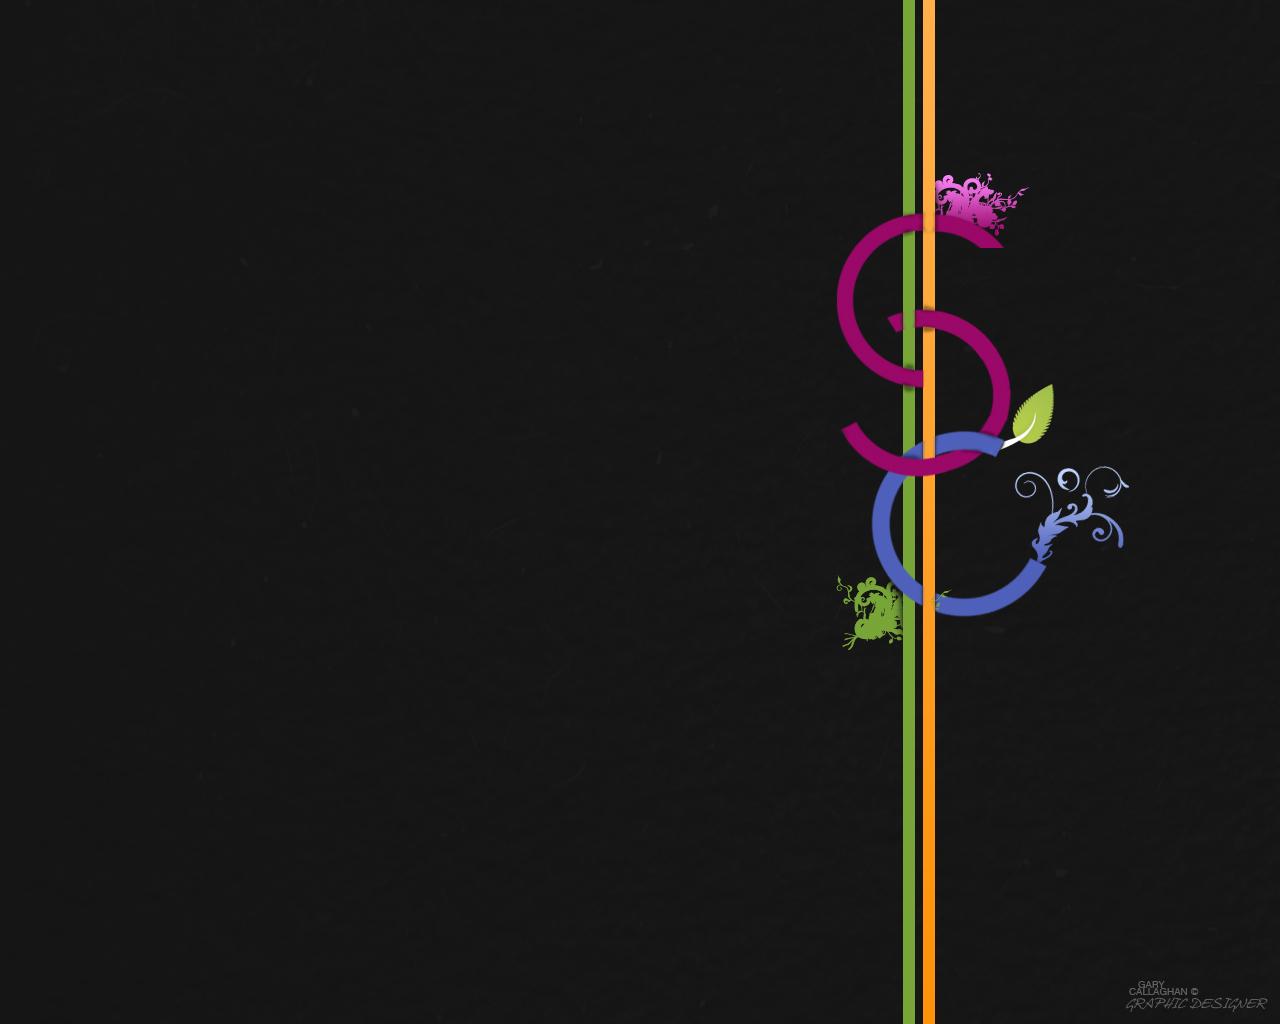 Graphic Design 1280x1024